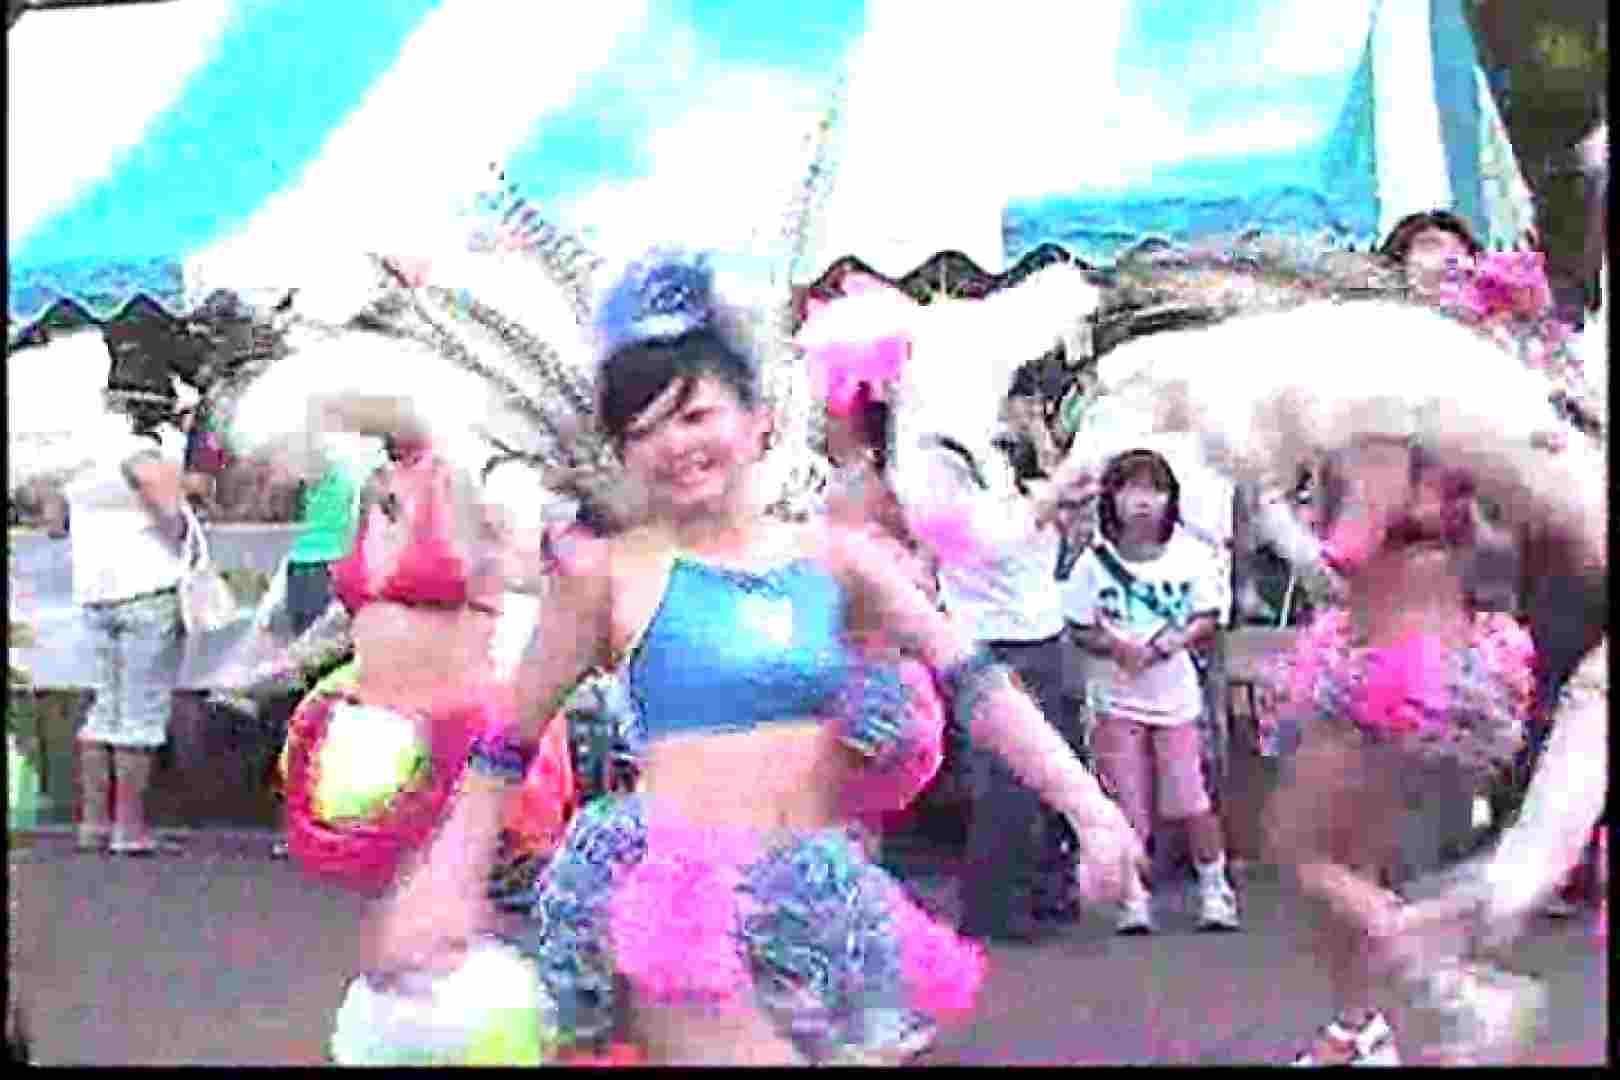 狂乱のサンバカーニバルVol.3 巨乳 盗撮動画紹介 91PIX 8